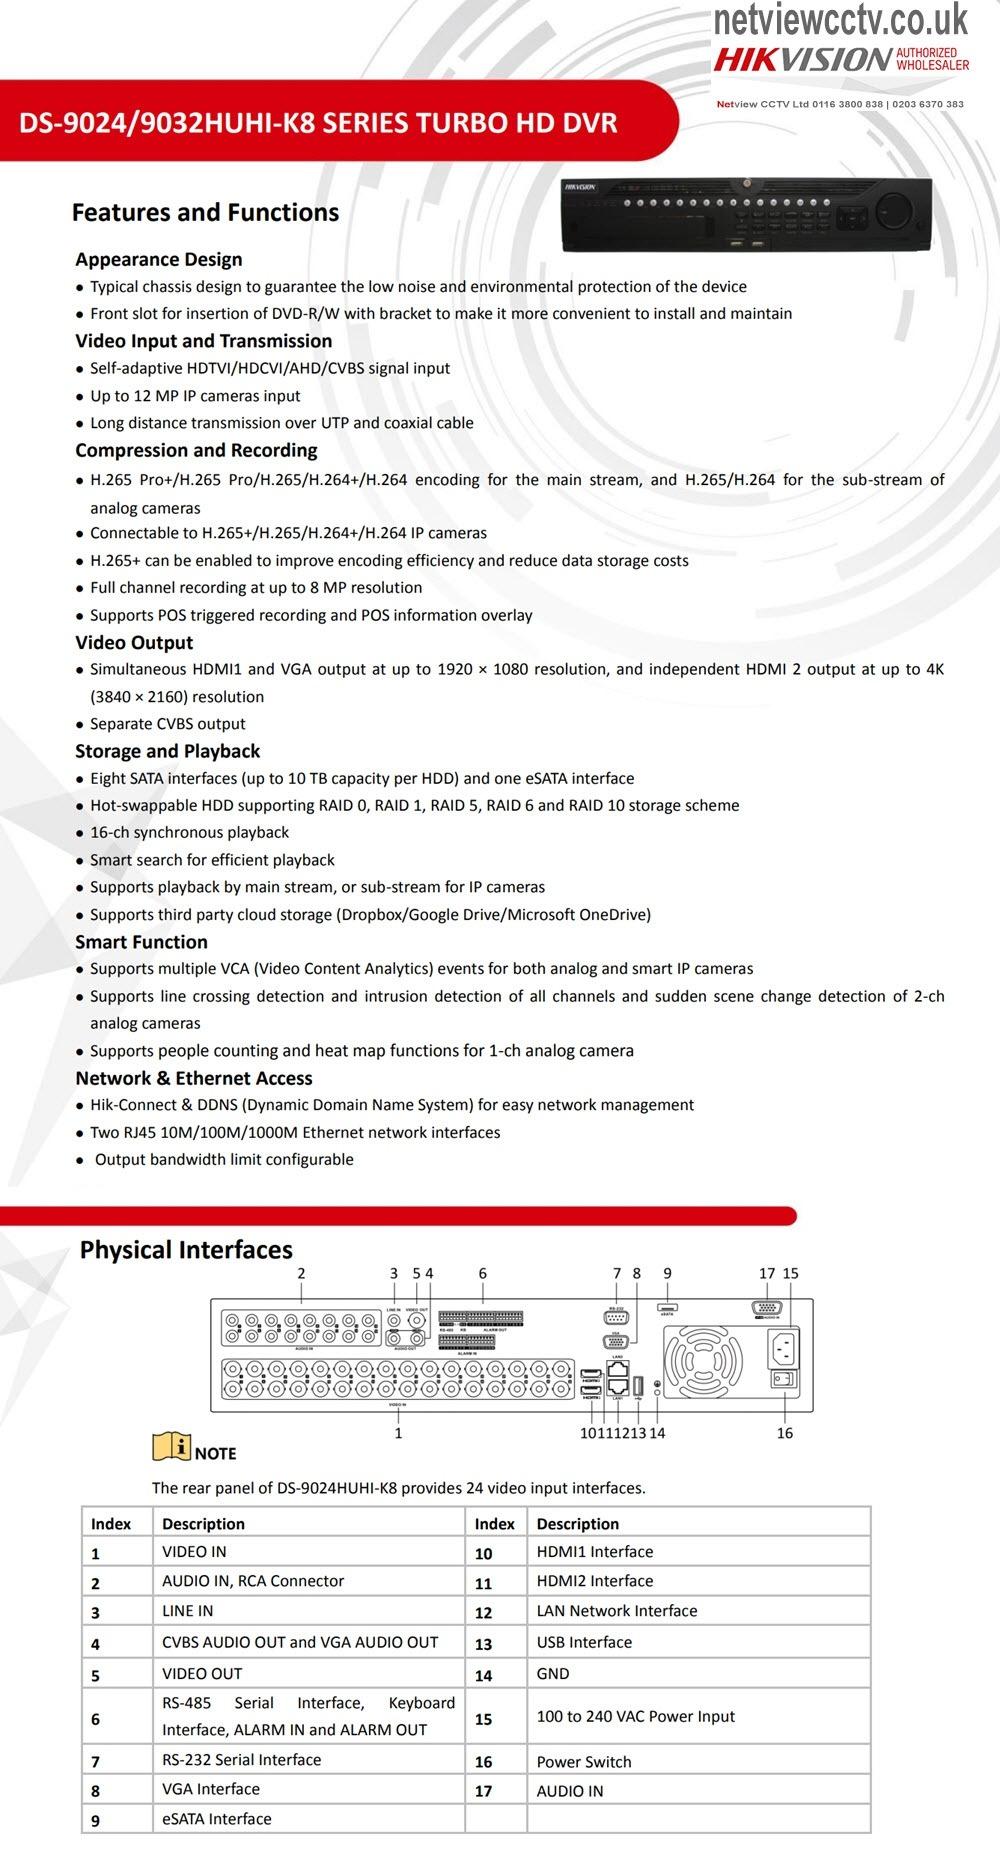 32 Channel DS-9032HUHI-K8 Hikvision 8MP Turbo HD DVR